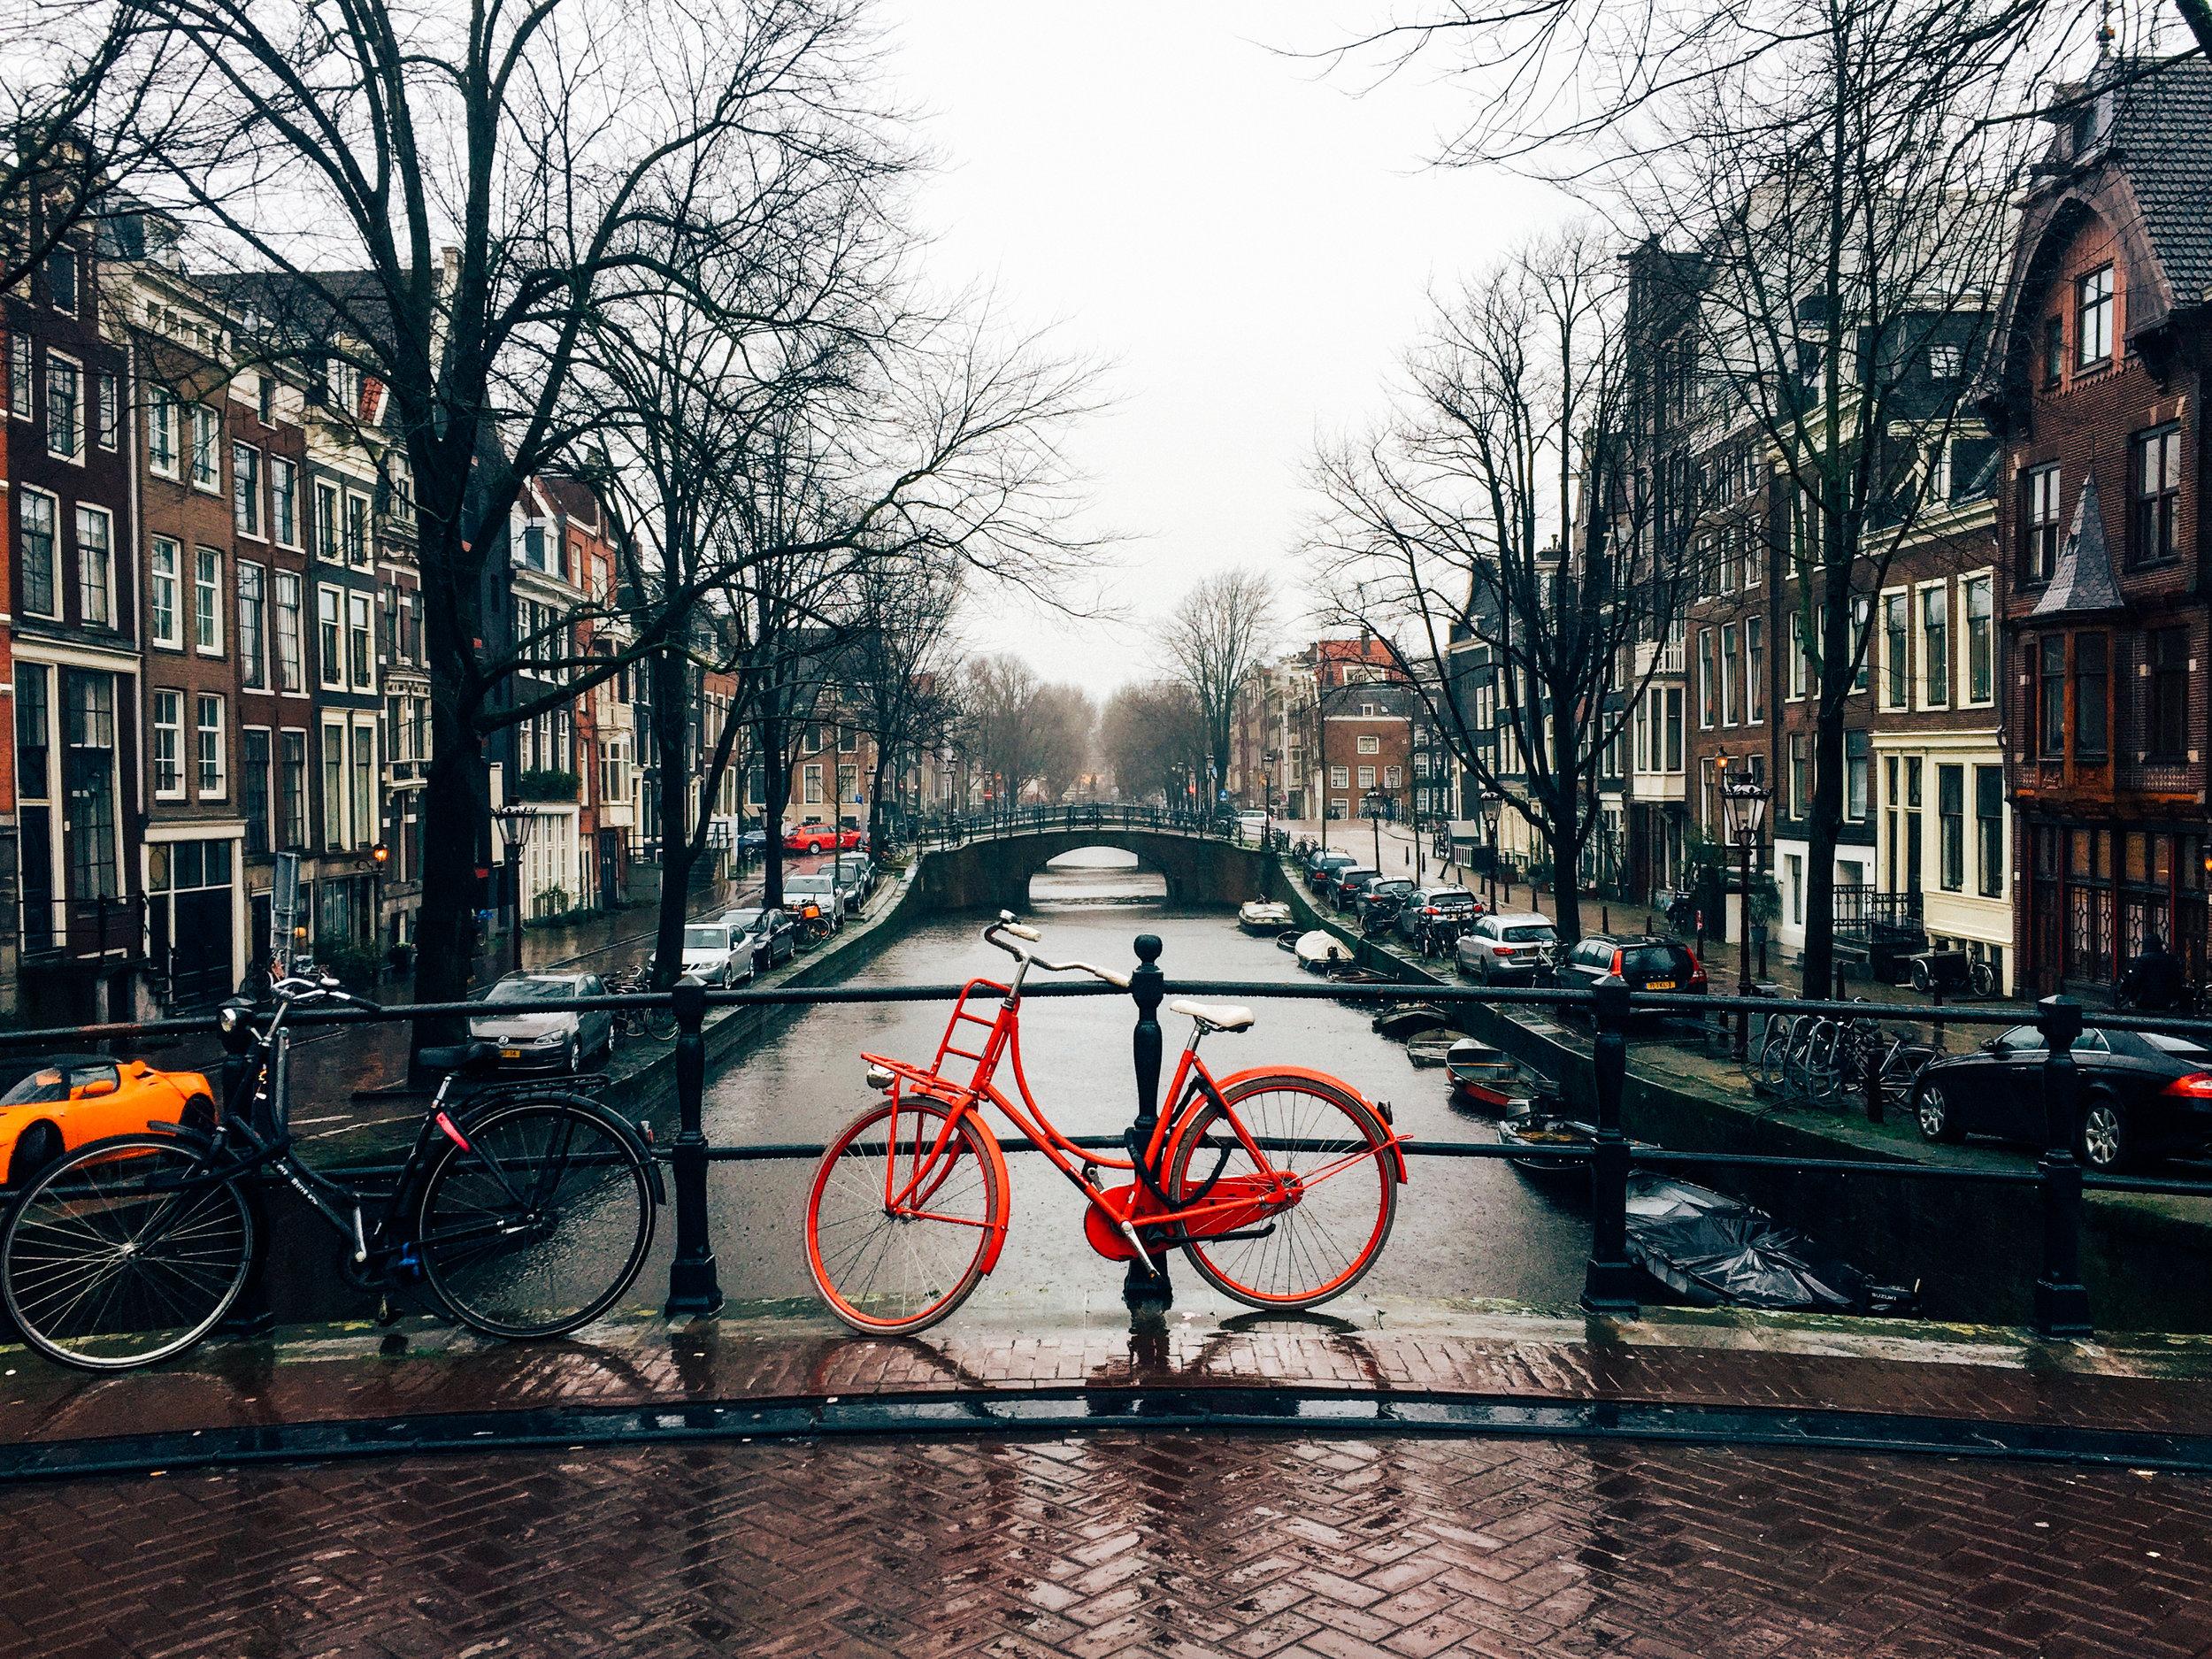 NYE in Amsterdam_QuinnsPlace-15-2.jpg